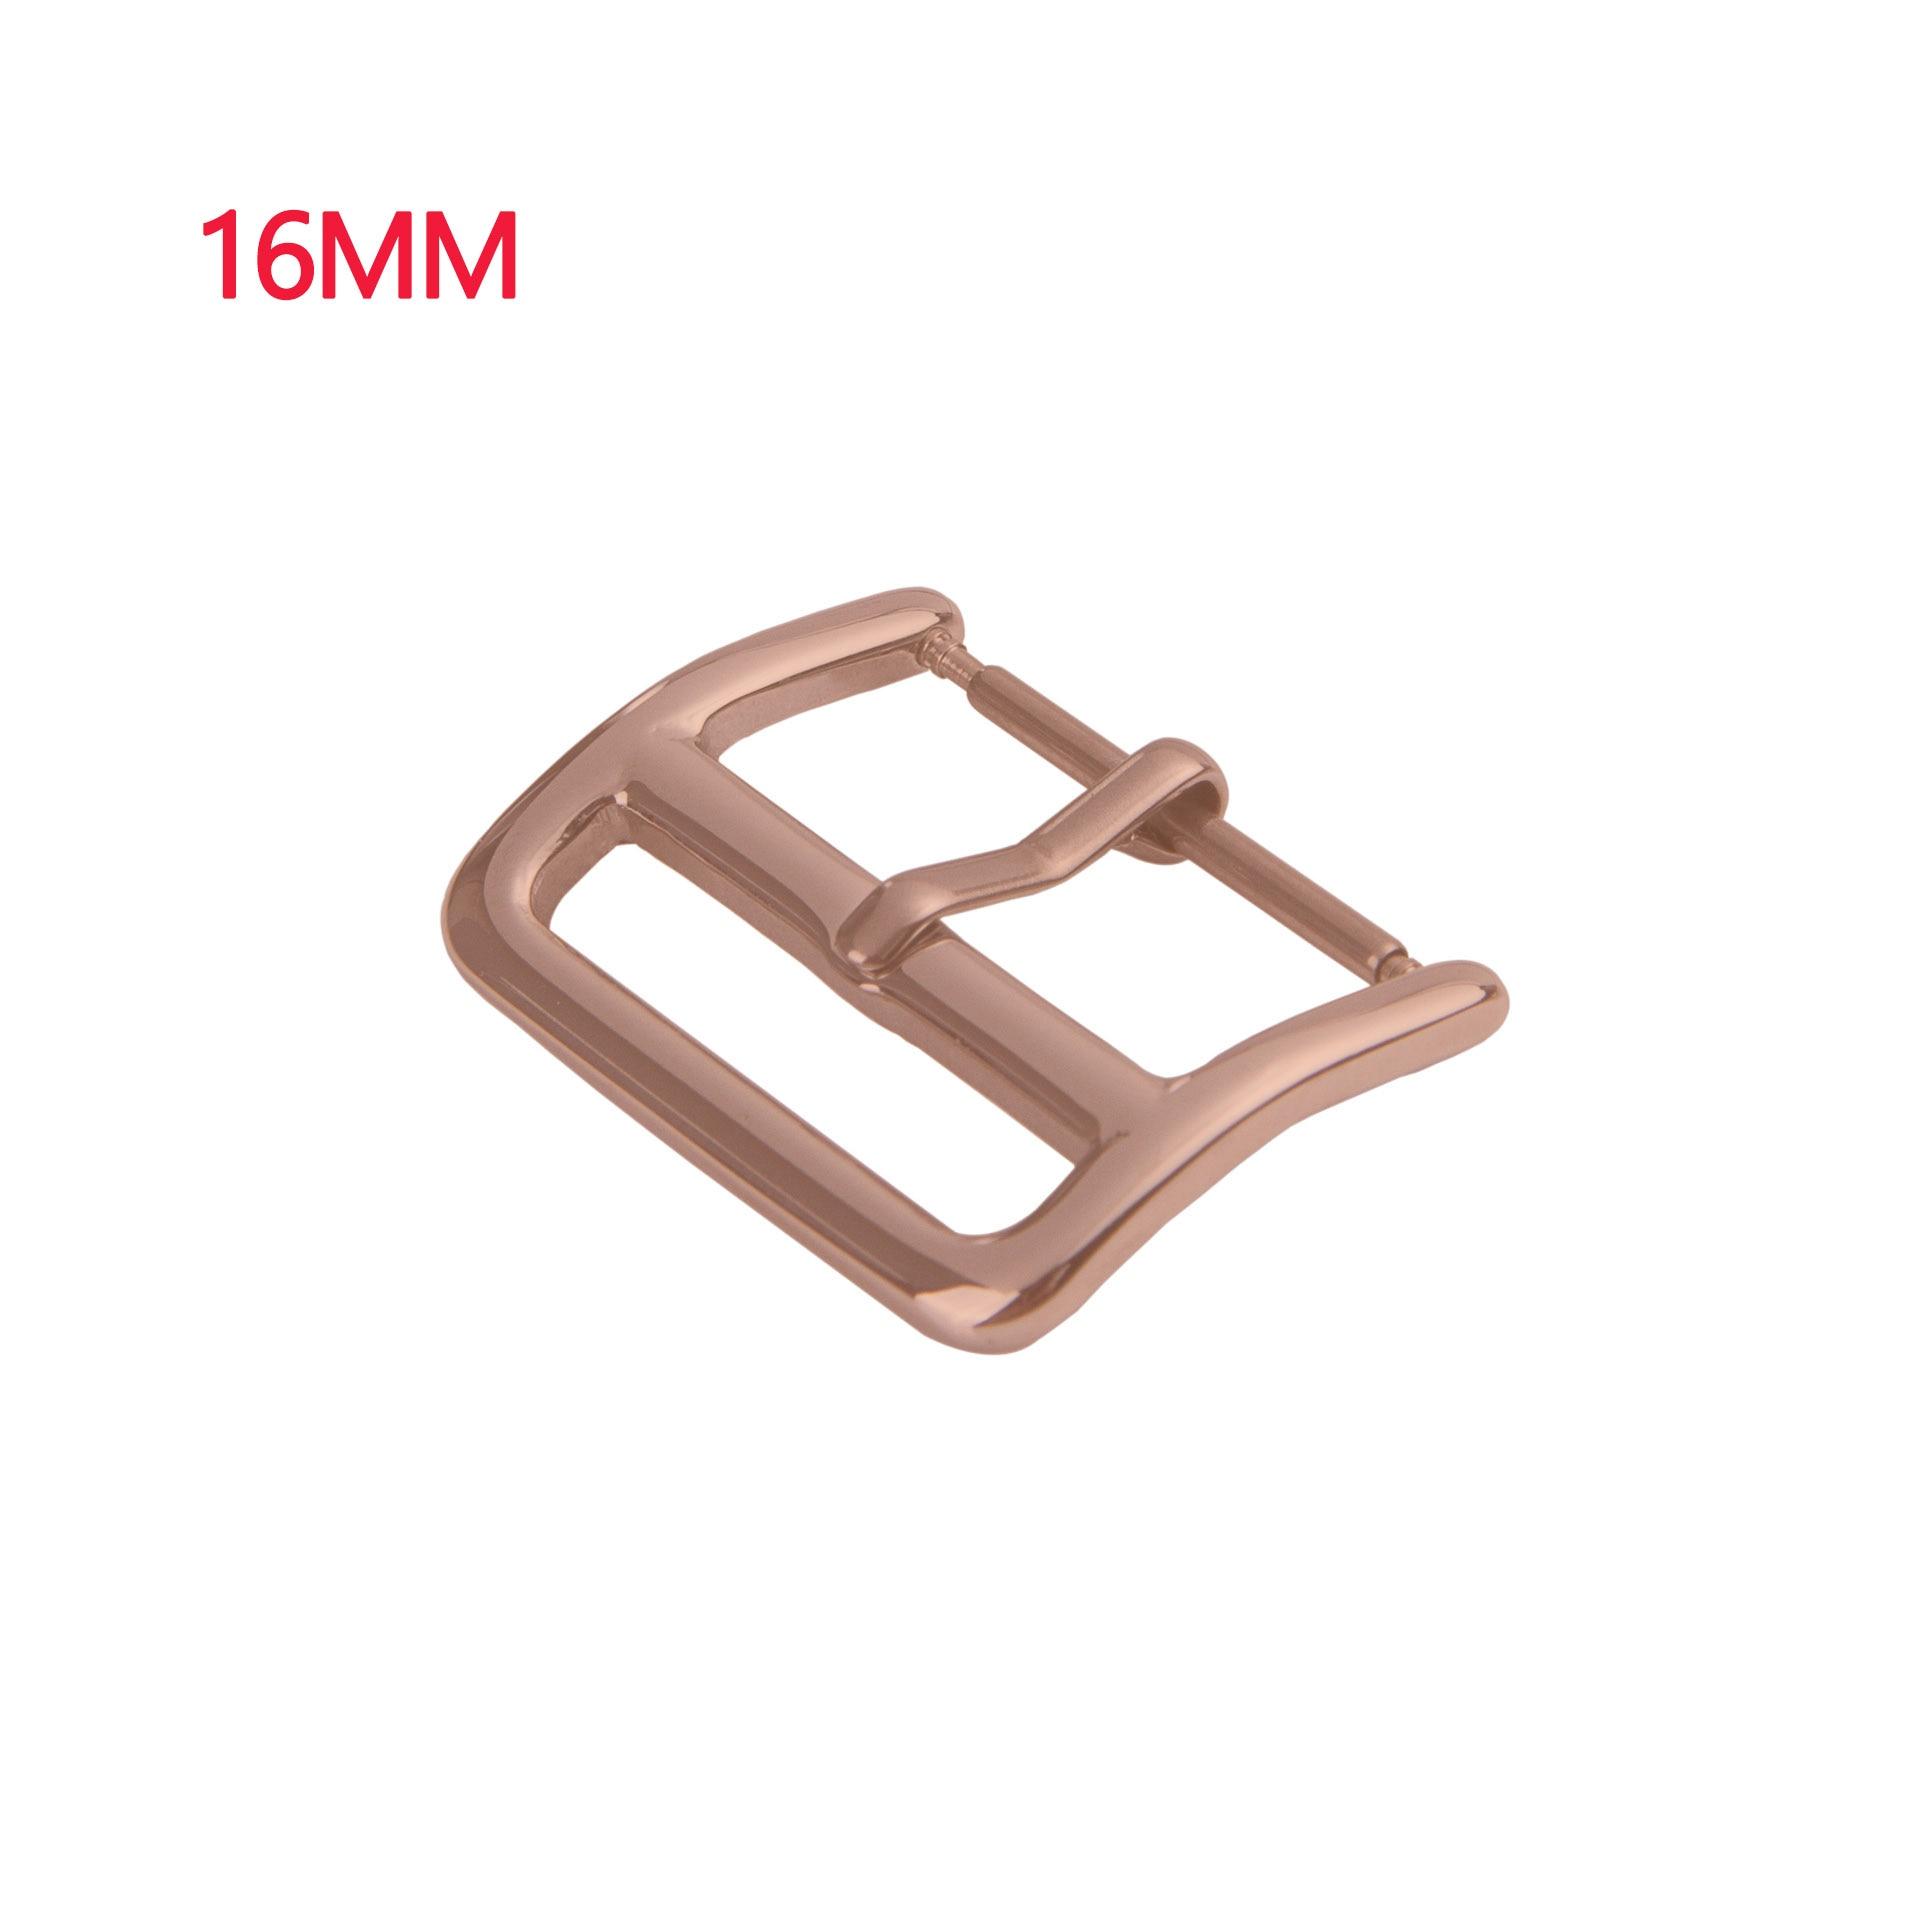 50 шт. DIY для samsung/Apple Watch ремешок пряжка 18 мм 20 мм 22 мм Кнопка из нержавеющей стали Серебряный полированный ремешок для часов булавки пряжки для ремня - Цвет: 16mm rose gold